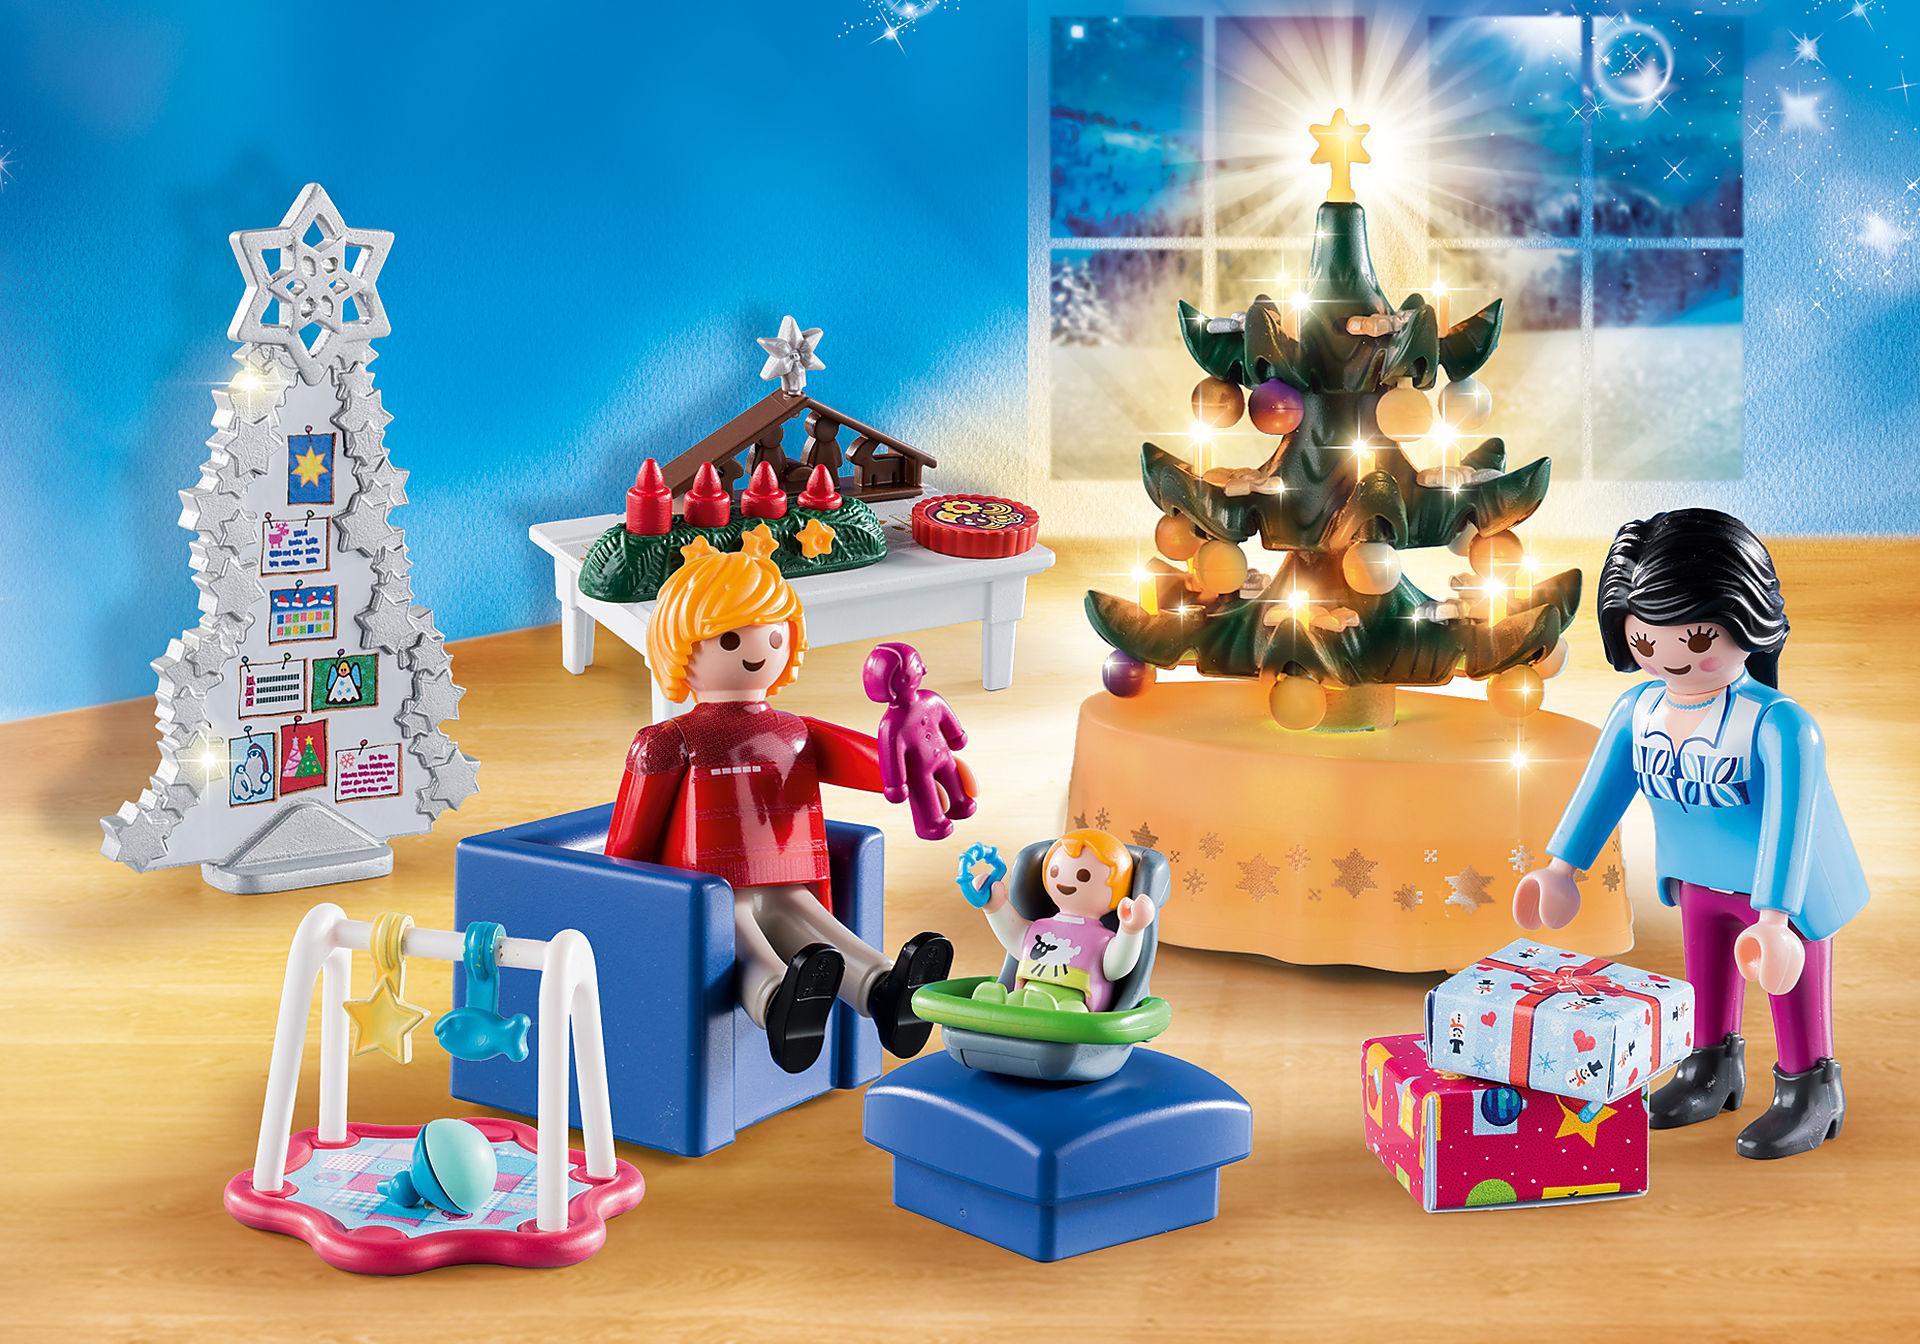 9495 Χριστουγεννιάτικο σαλόνι zoom image1